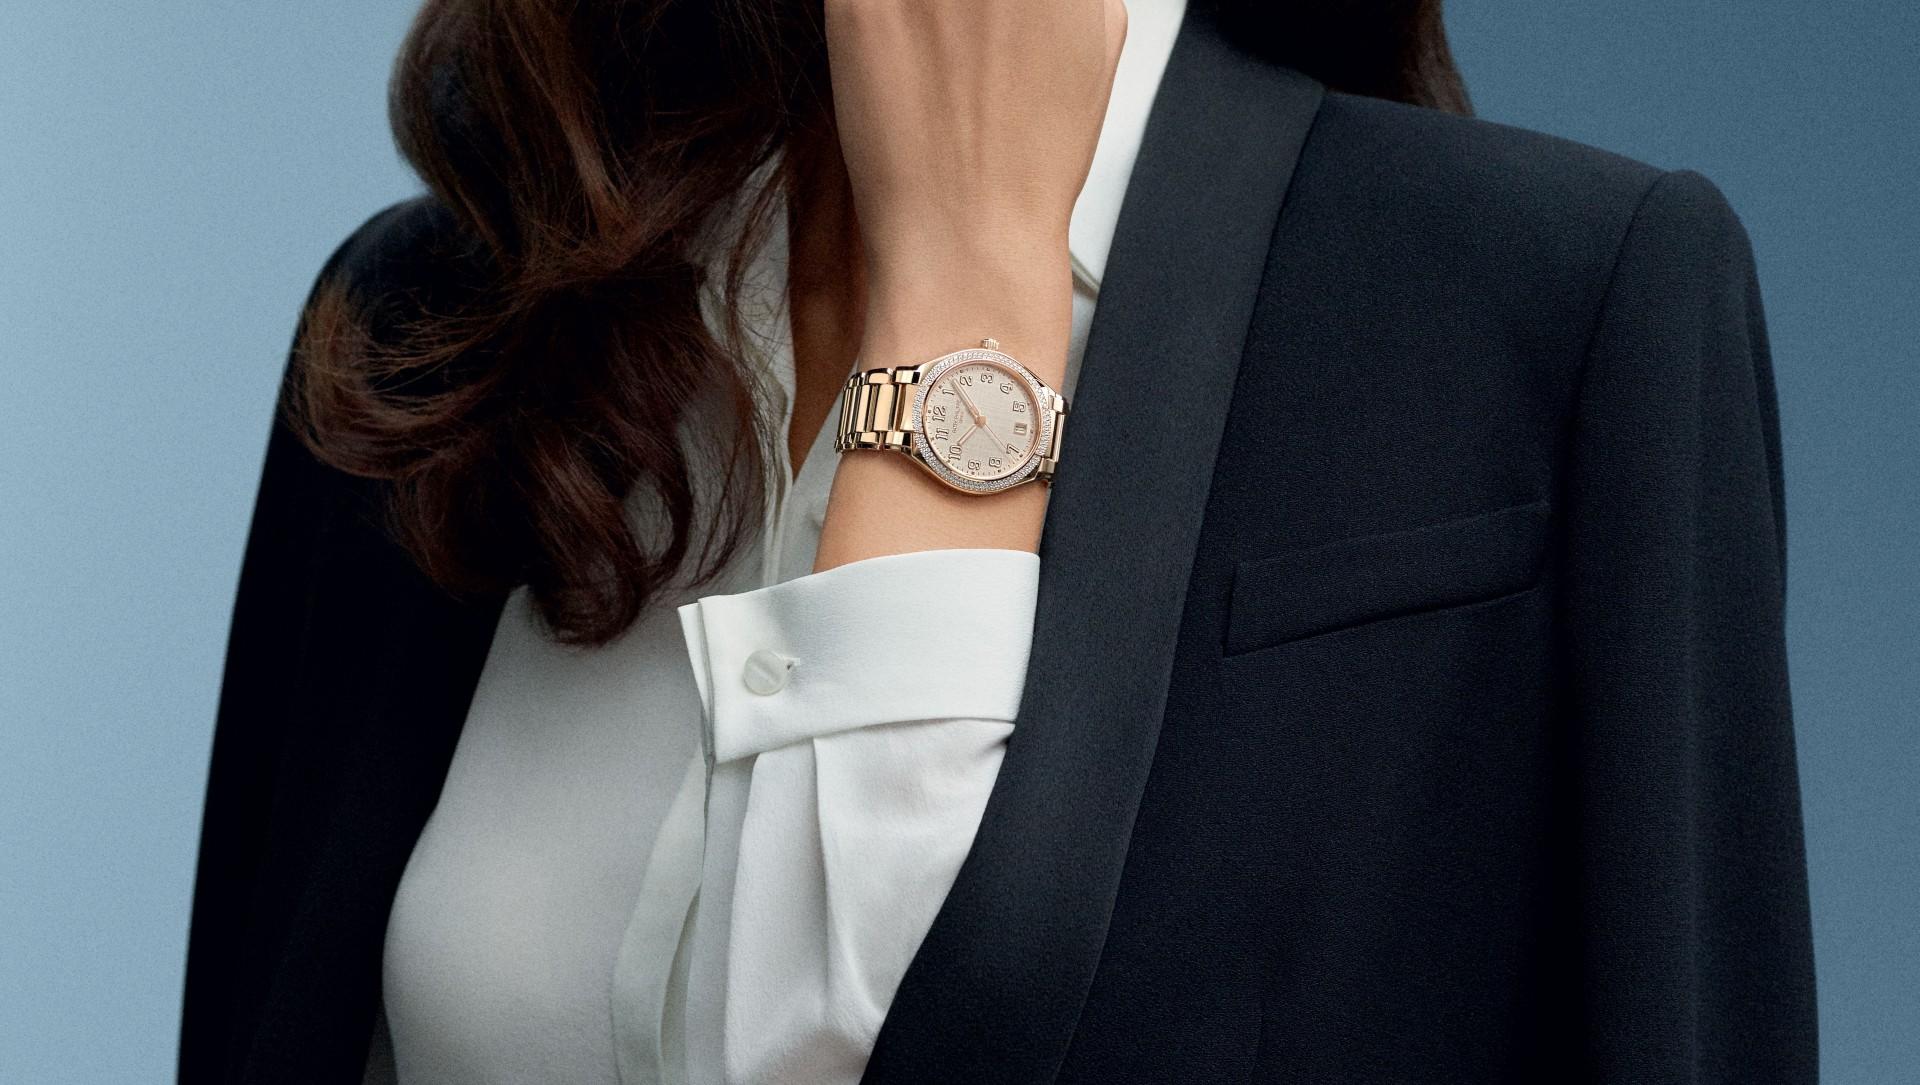 專為時尚自信的當代行動派仕女設計:百達翡麗Twenty~4 Automatic自動腕錶